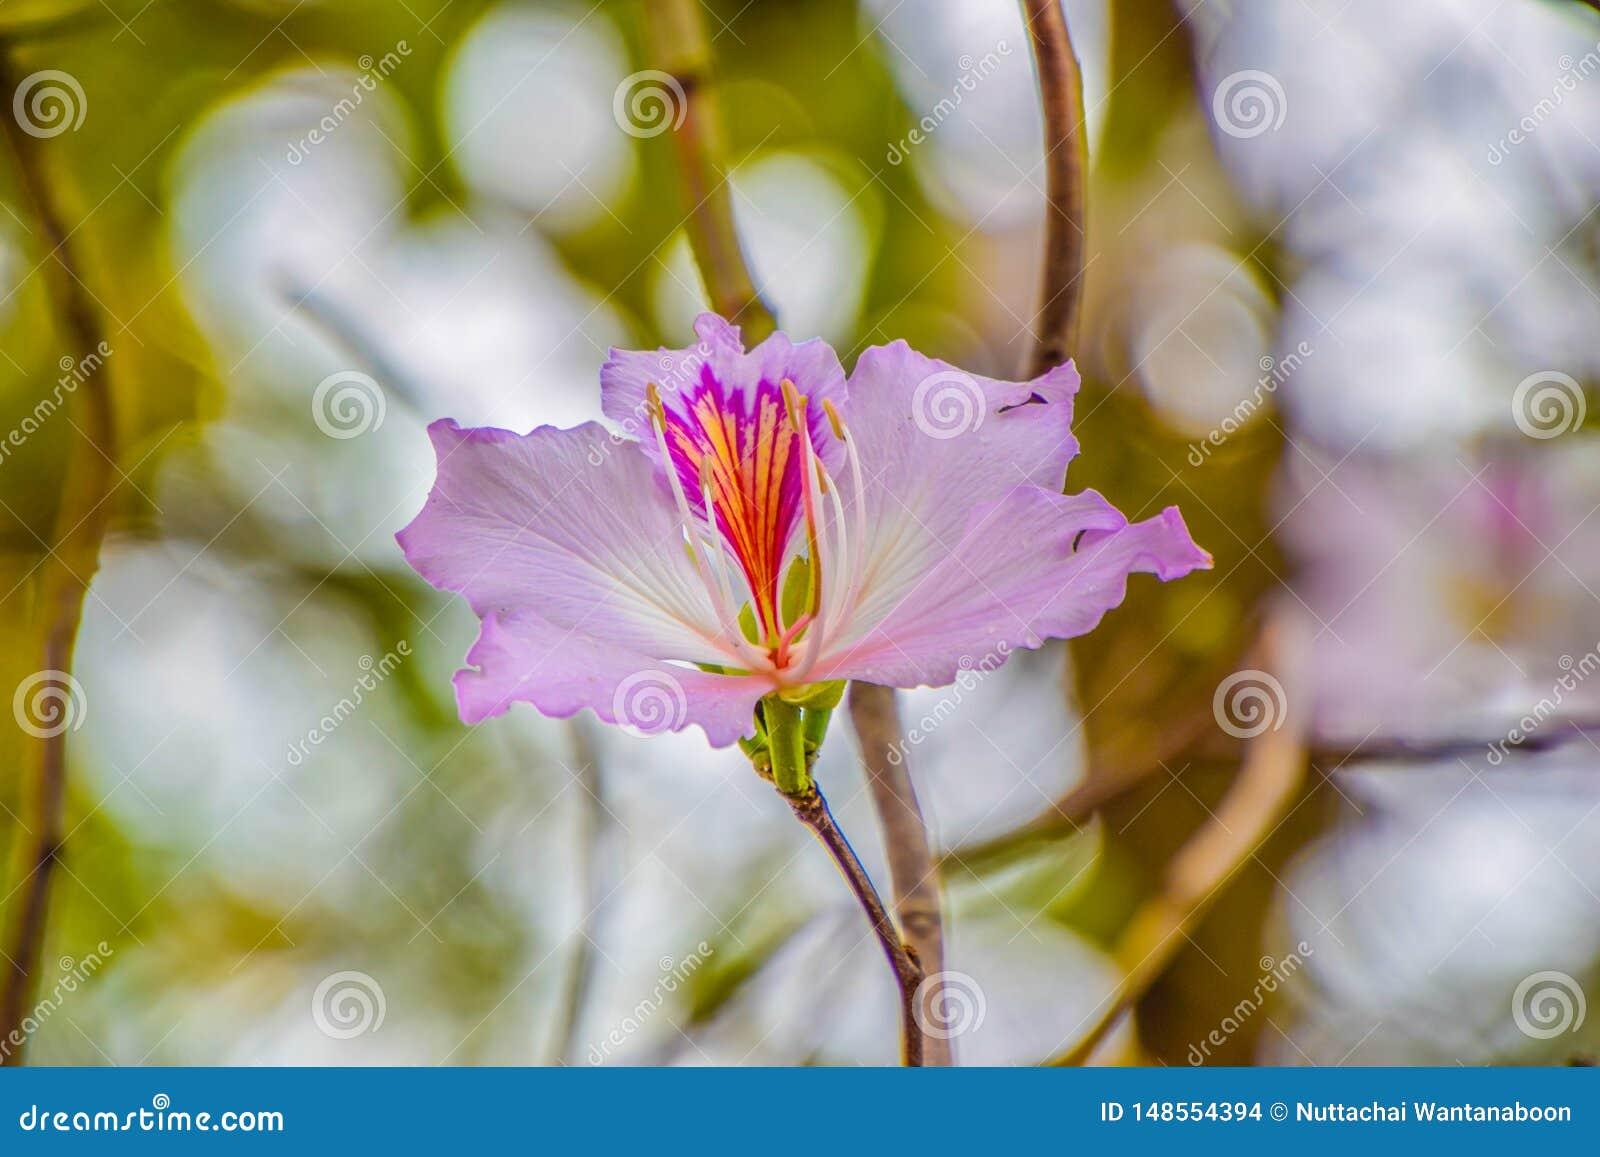 Όμορφο λουλούδι στο δέντρο, επιστημονικό όνομα: Το variegata Bauhinia, κλείνει επάνω του πορφυρού λουλουδιού στο θολωμένο υπόβαθρ